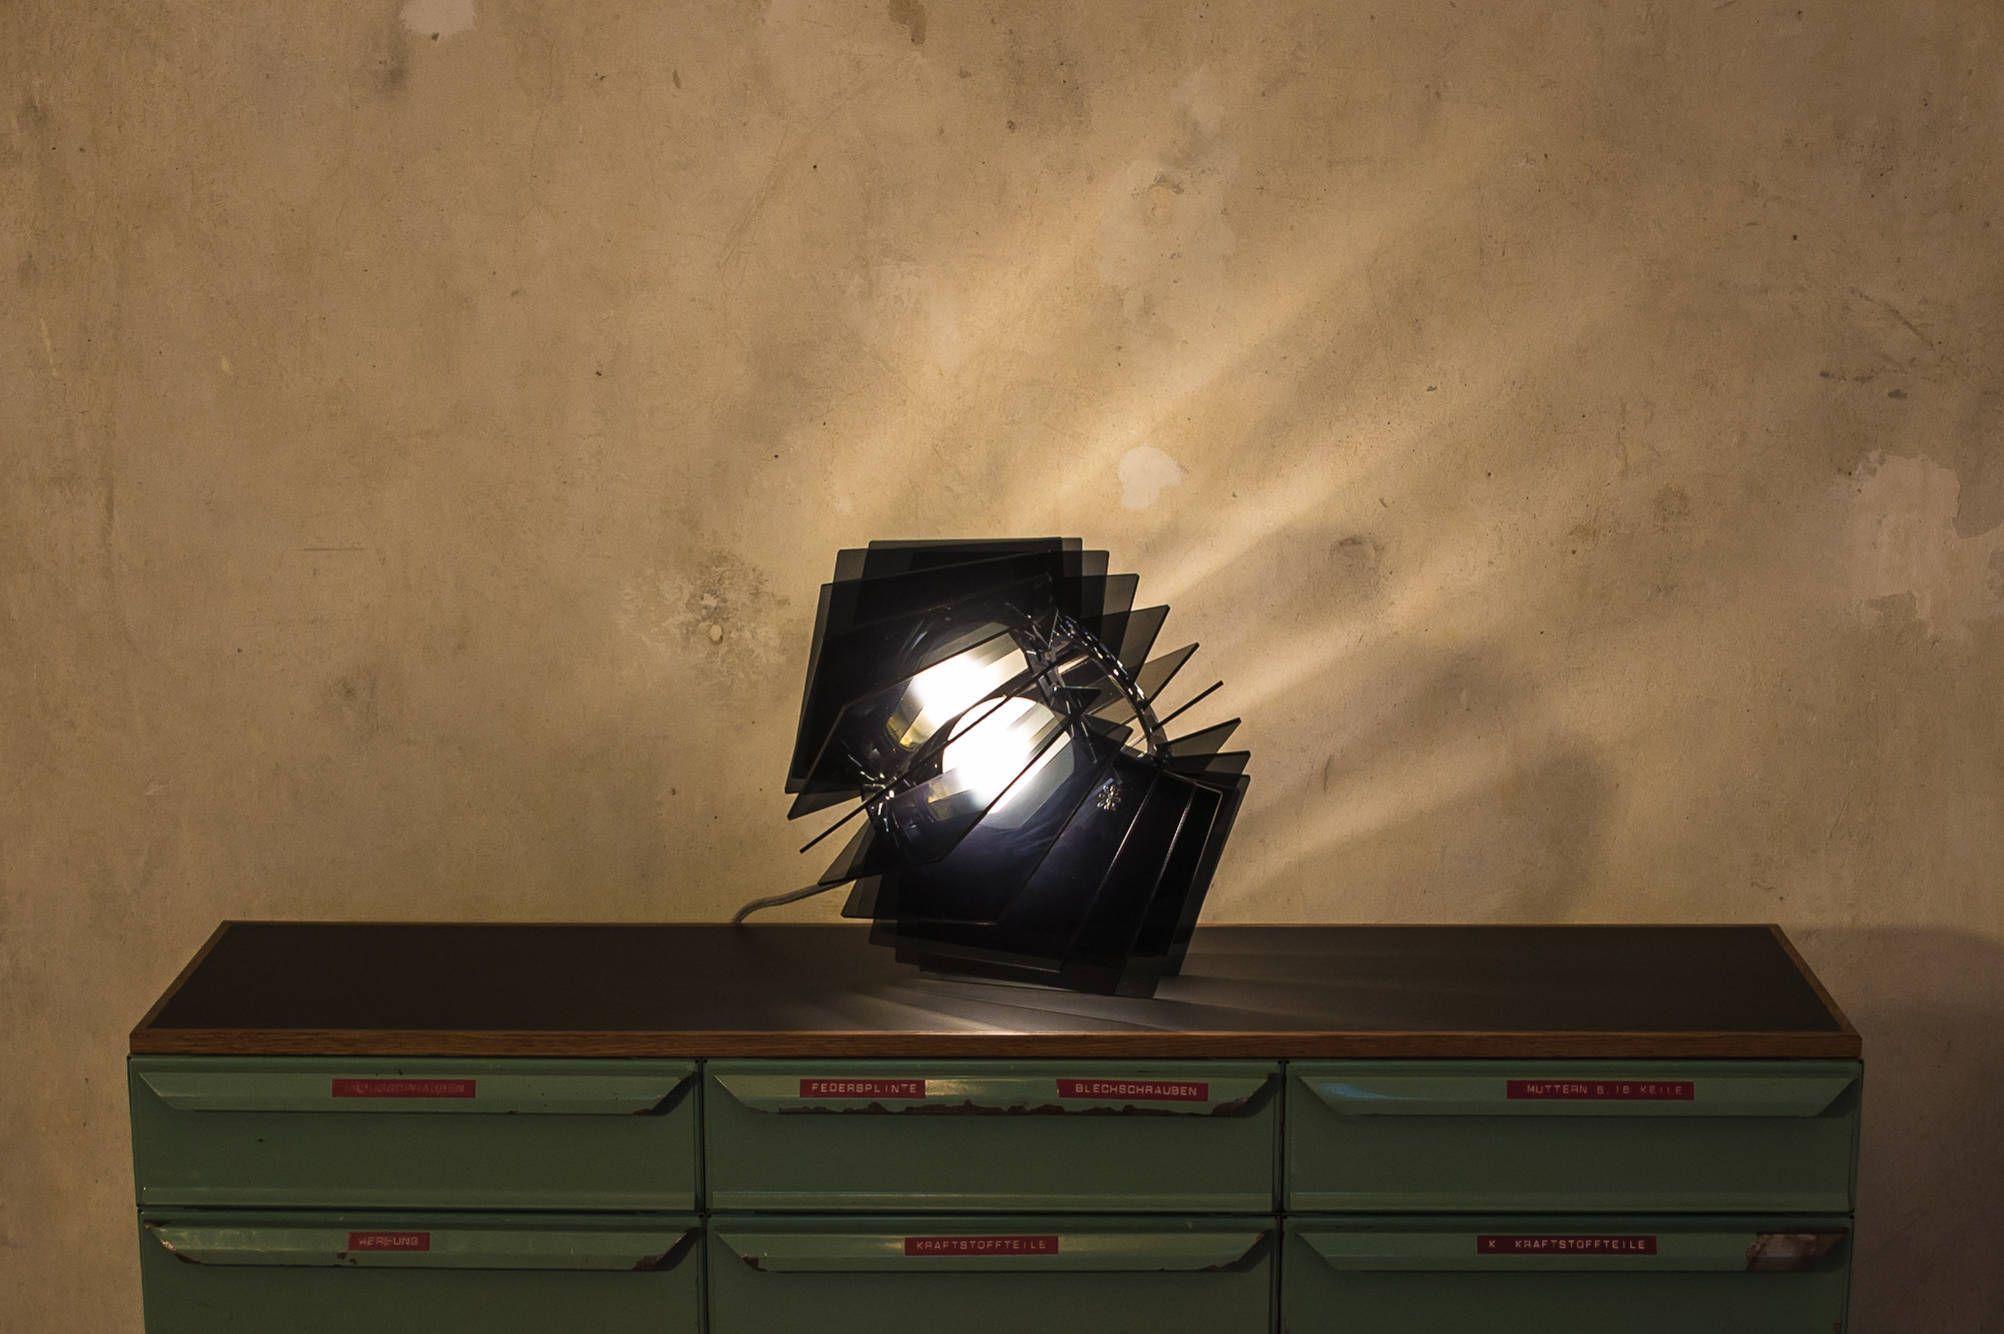 Schlichte Lampe, Klassisch modern, schwarze Esszimmer ...